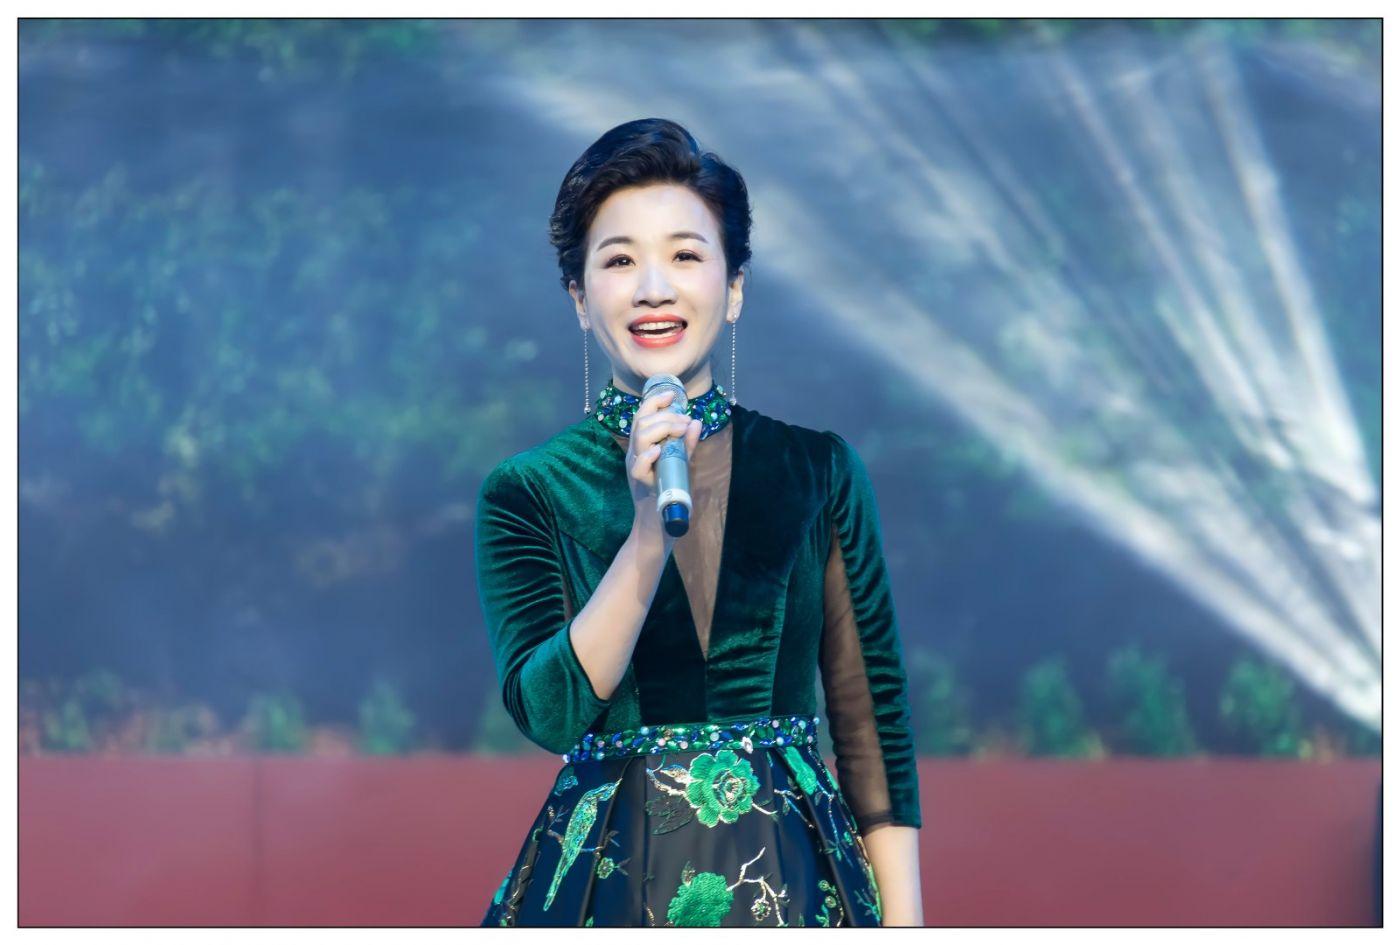 又见星光大道冠军歌手张海军 1月26央视播出 将自己唱哭的歌手 ..._图1-6